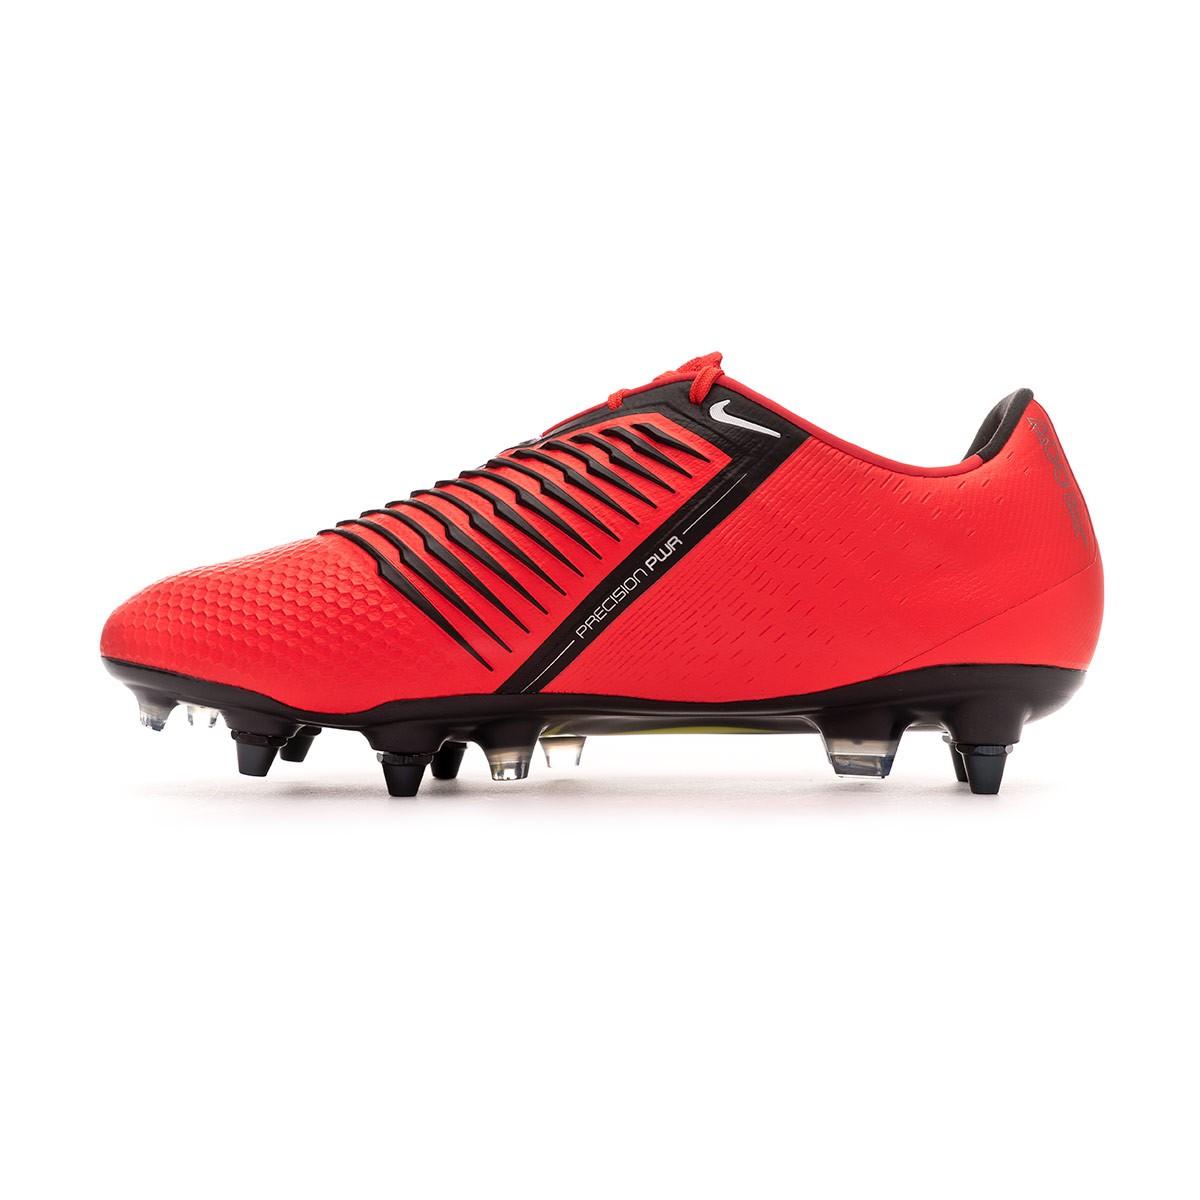 9fb78bbc243b Football Boots Nike Phantom Venom Elite SG-Pro ACC Bright crimson-Black -  Football store Fútbol Emotion